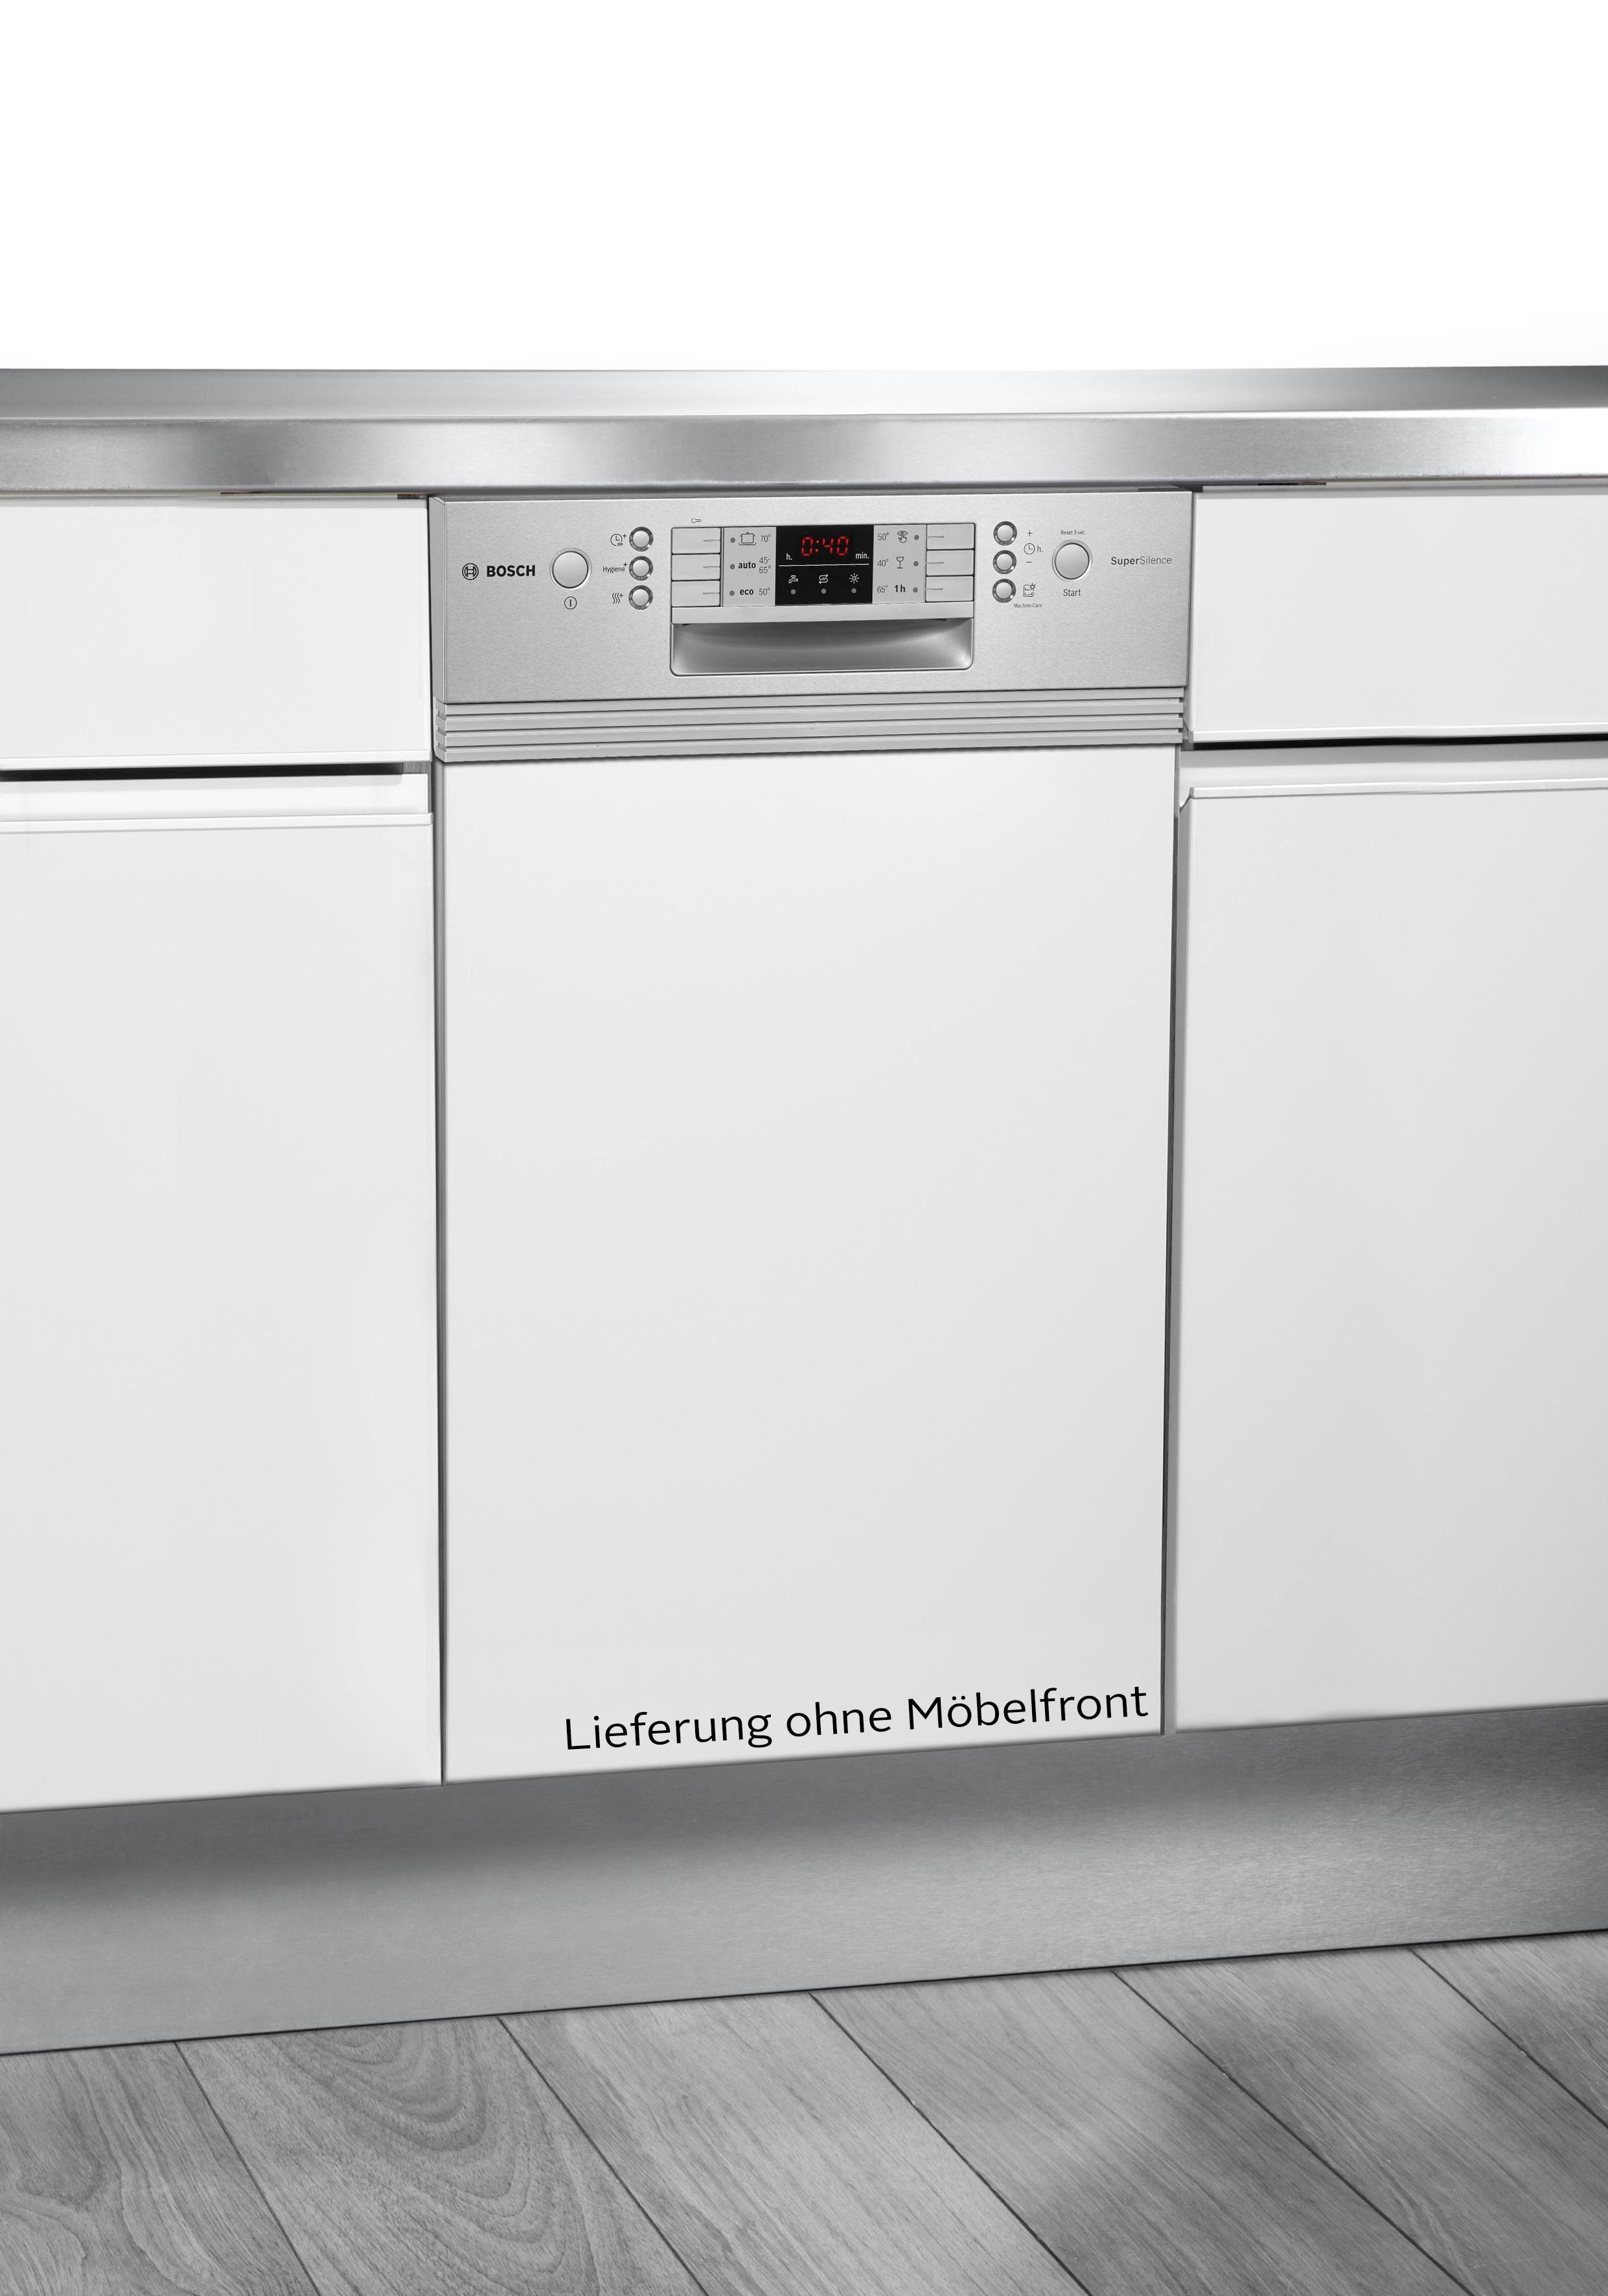 BOSCH teilintegrierbarer Geschirrspüler, SPI46MS01E, 9,5 l, 10 Maßgedecke, 45 cm breit